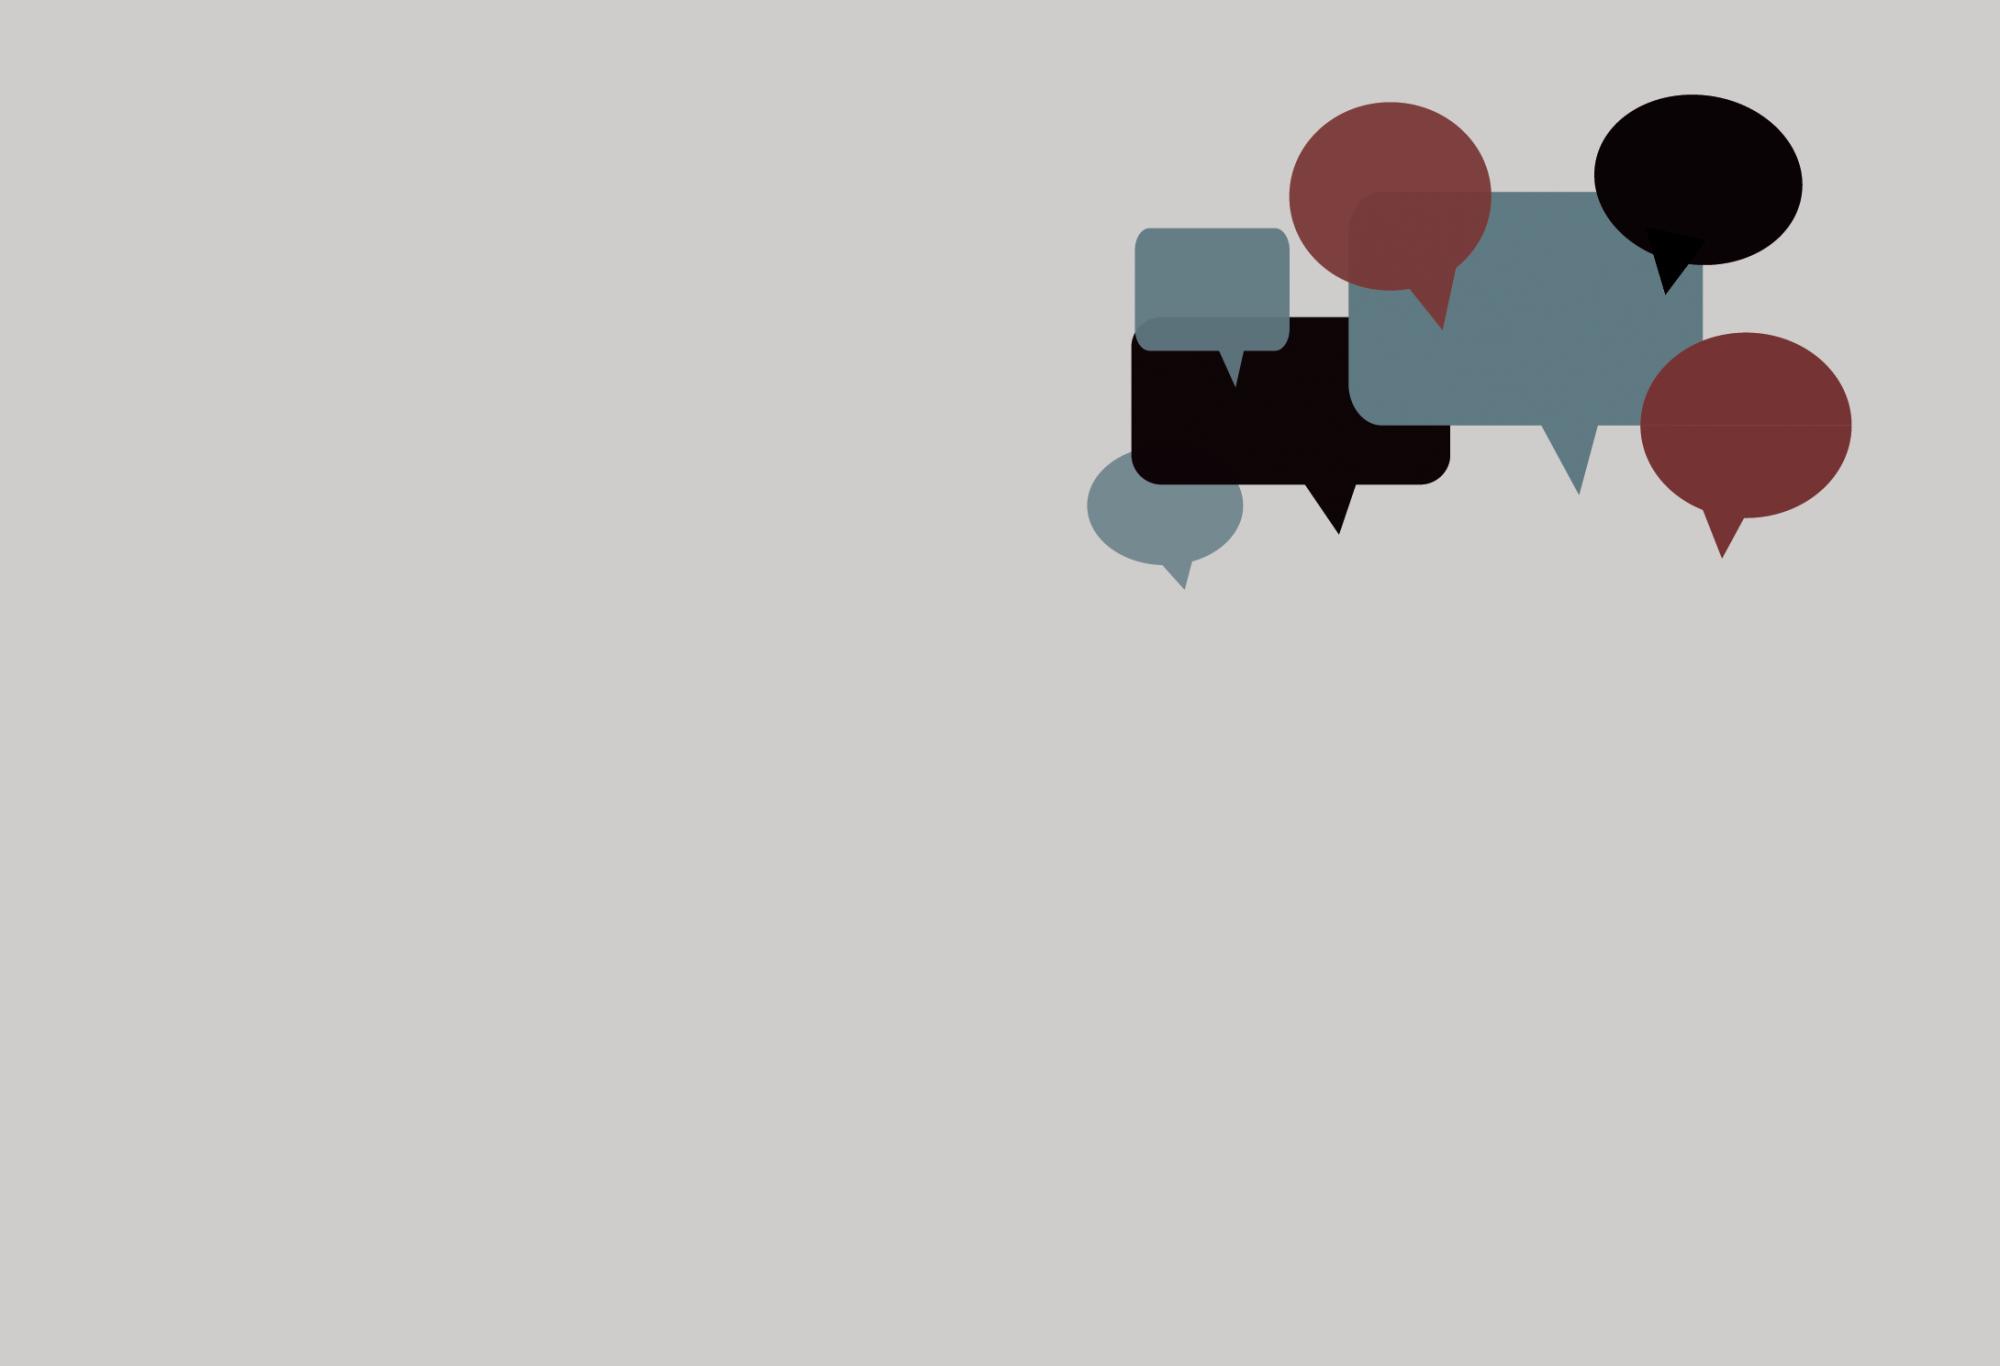 kommunikationsdagen jkpg